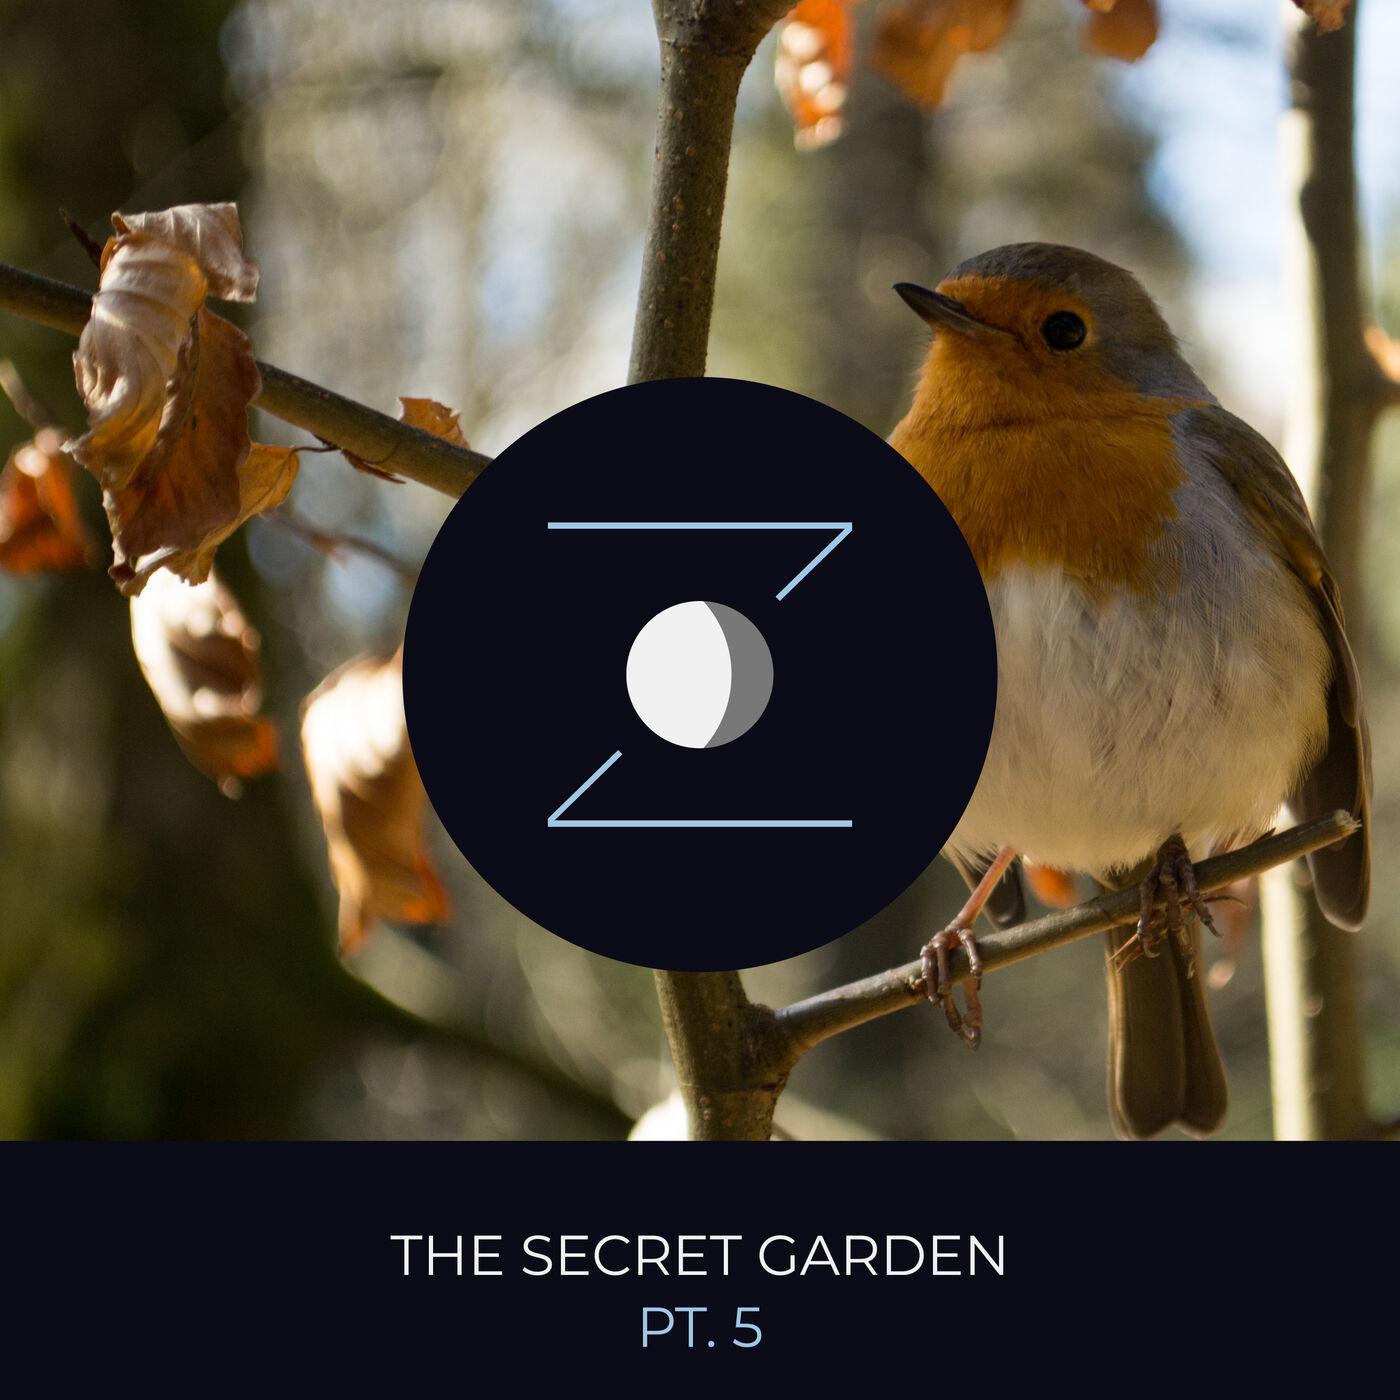 The Secret Garden pt. 5